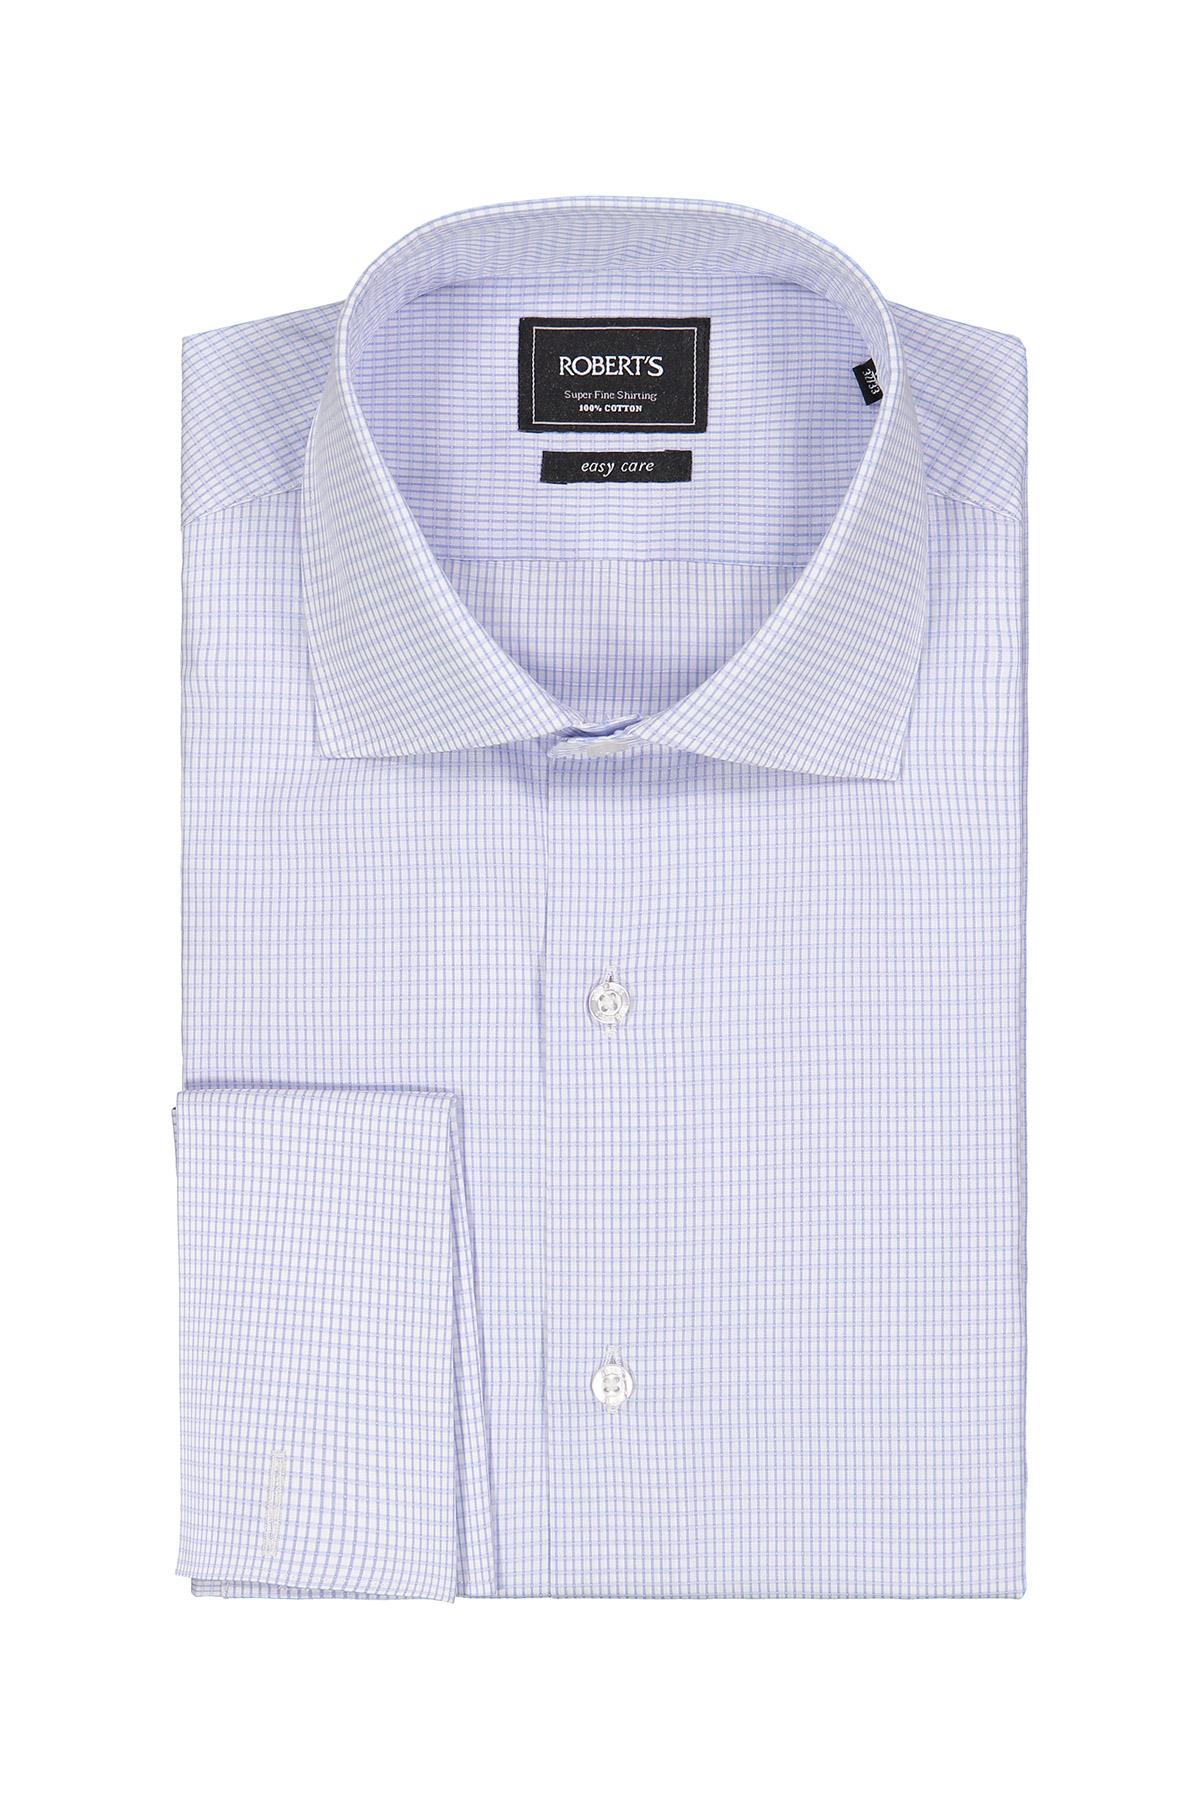 Camisa Robert´s, Easy Care, blanca con cuadros celeste, puño doble.